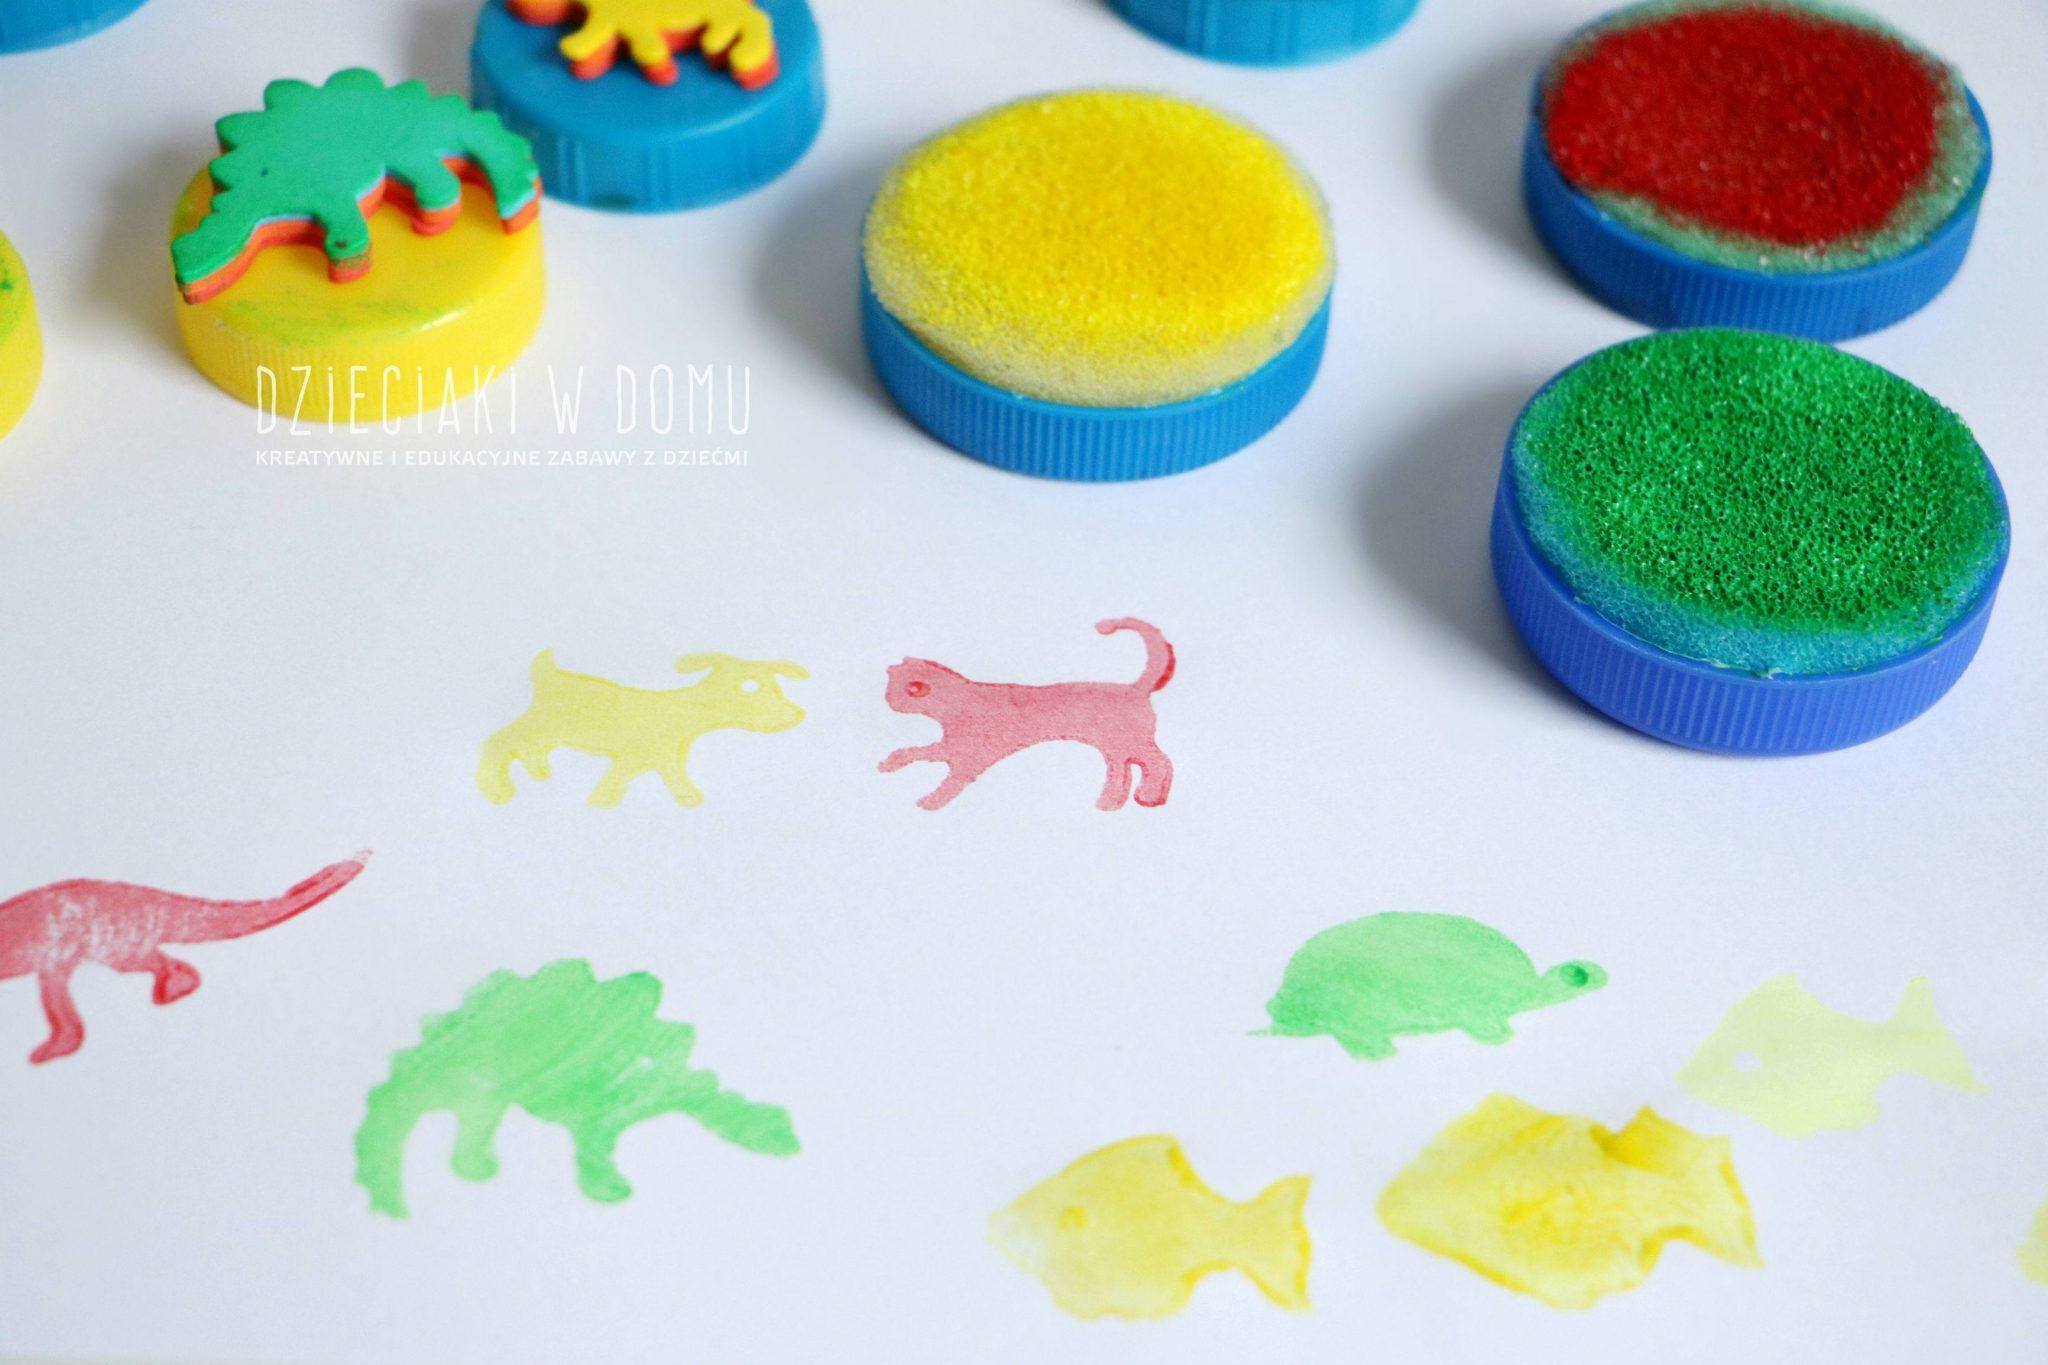 Stempeki dla dzieci zrobione z nakrętek domowym sposobem DIY - zestaw świąteczny - zwierzątka